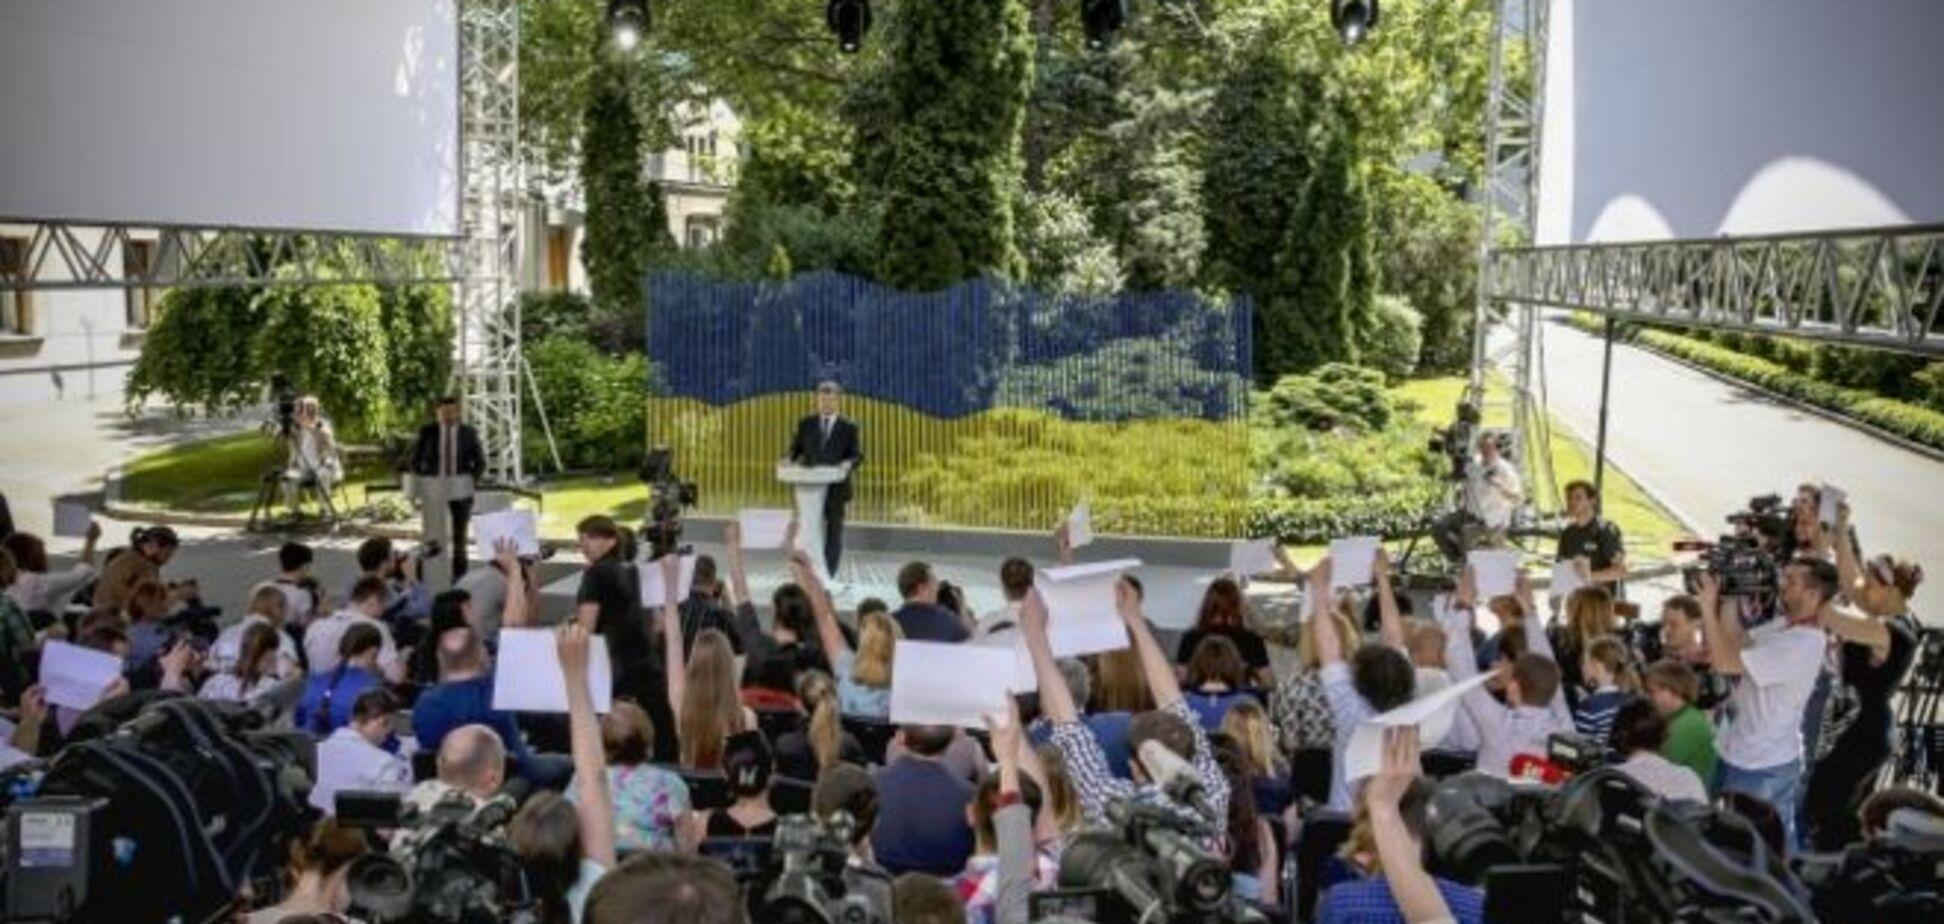 Крым, продажа 'Рошен', дружба с Фирташем и досрочные выборы: о чем говорил Порошенко